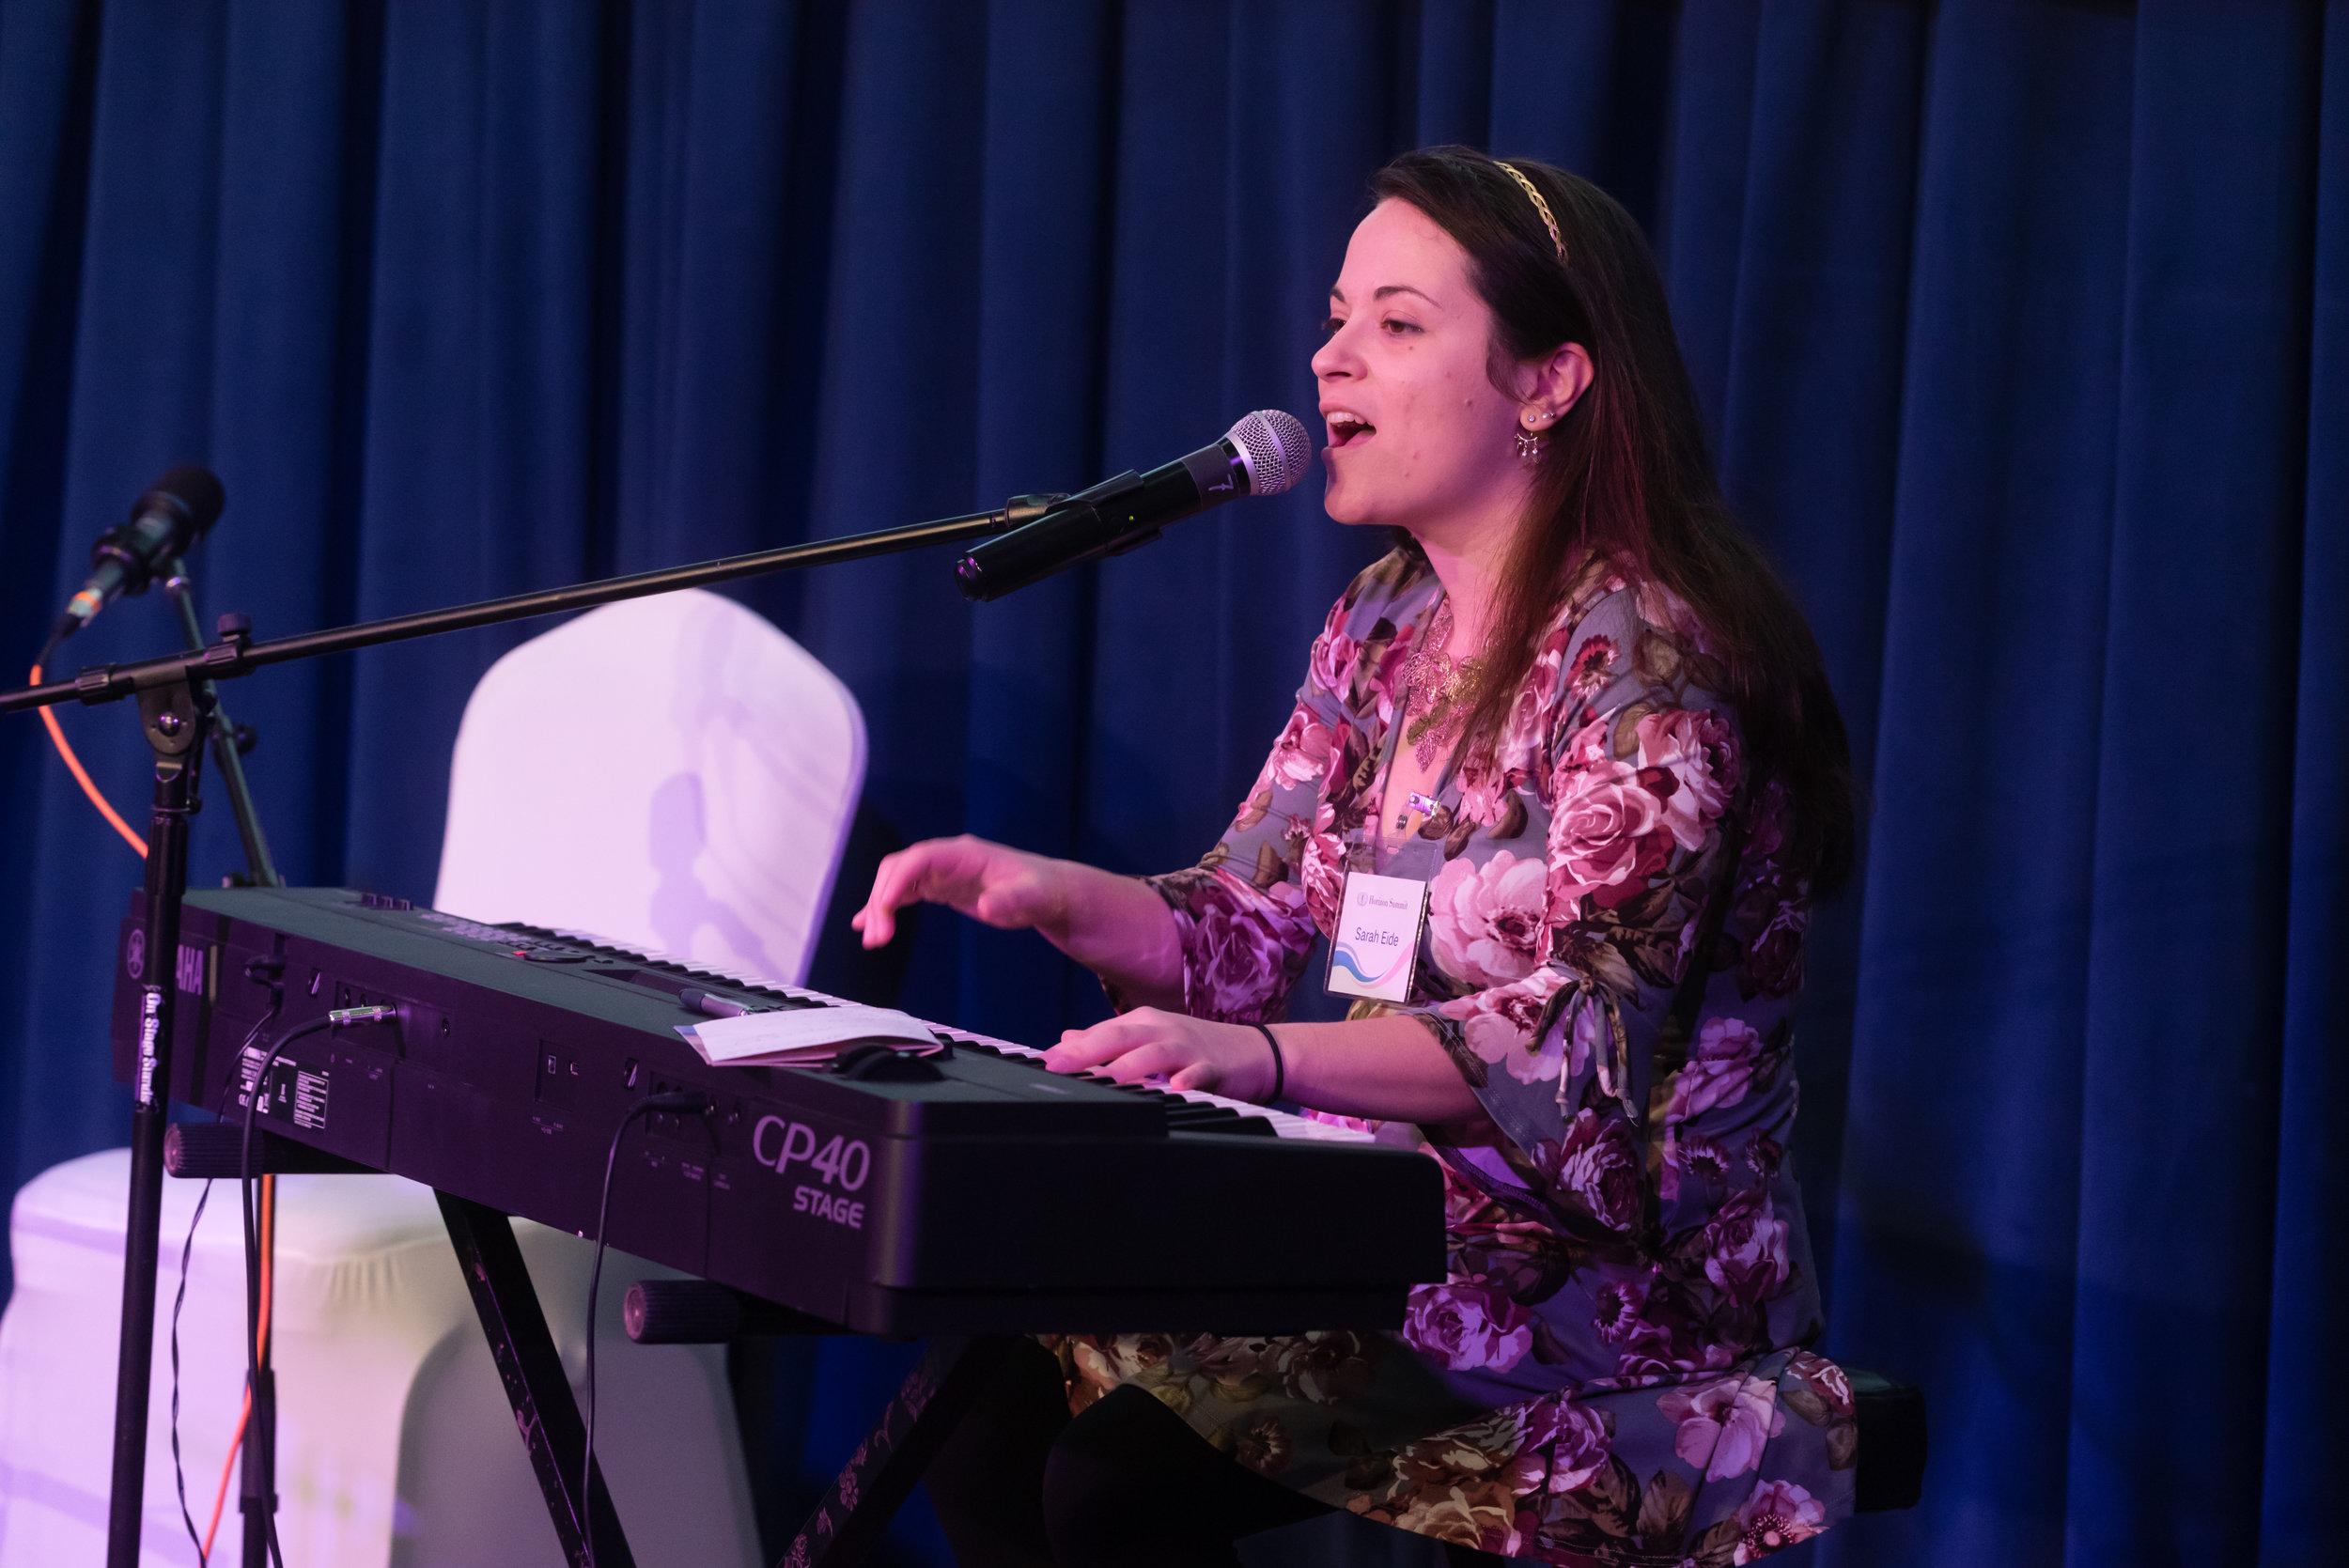 Copy of Sarah Eide